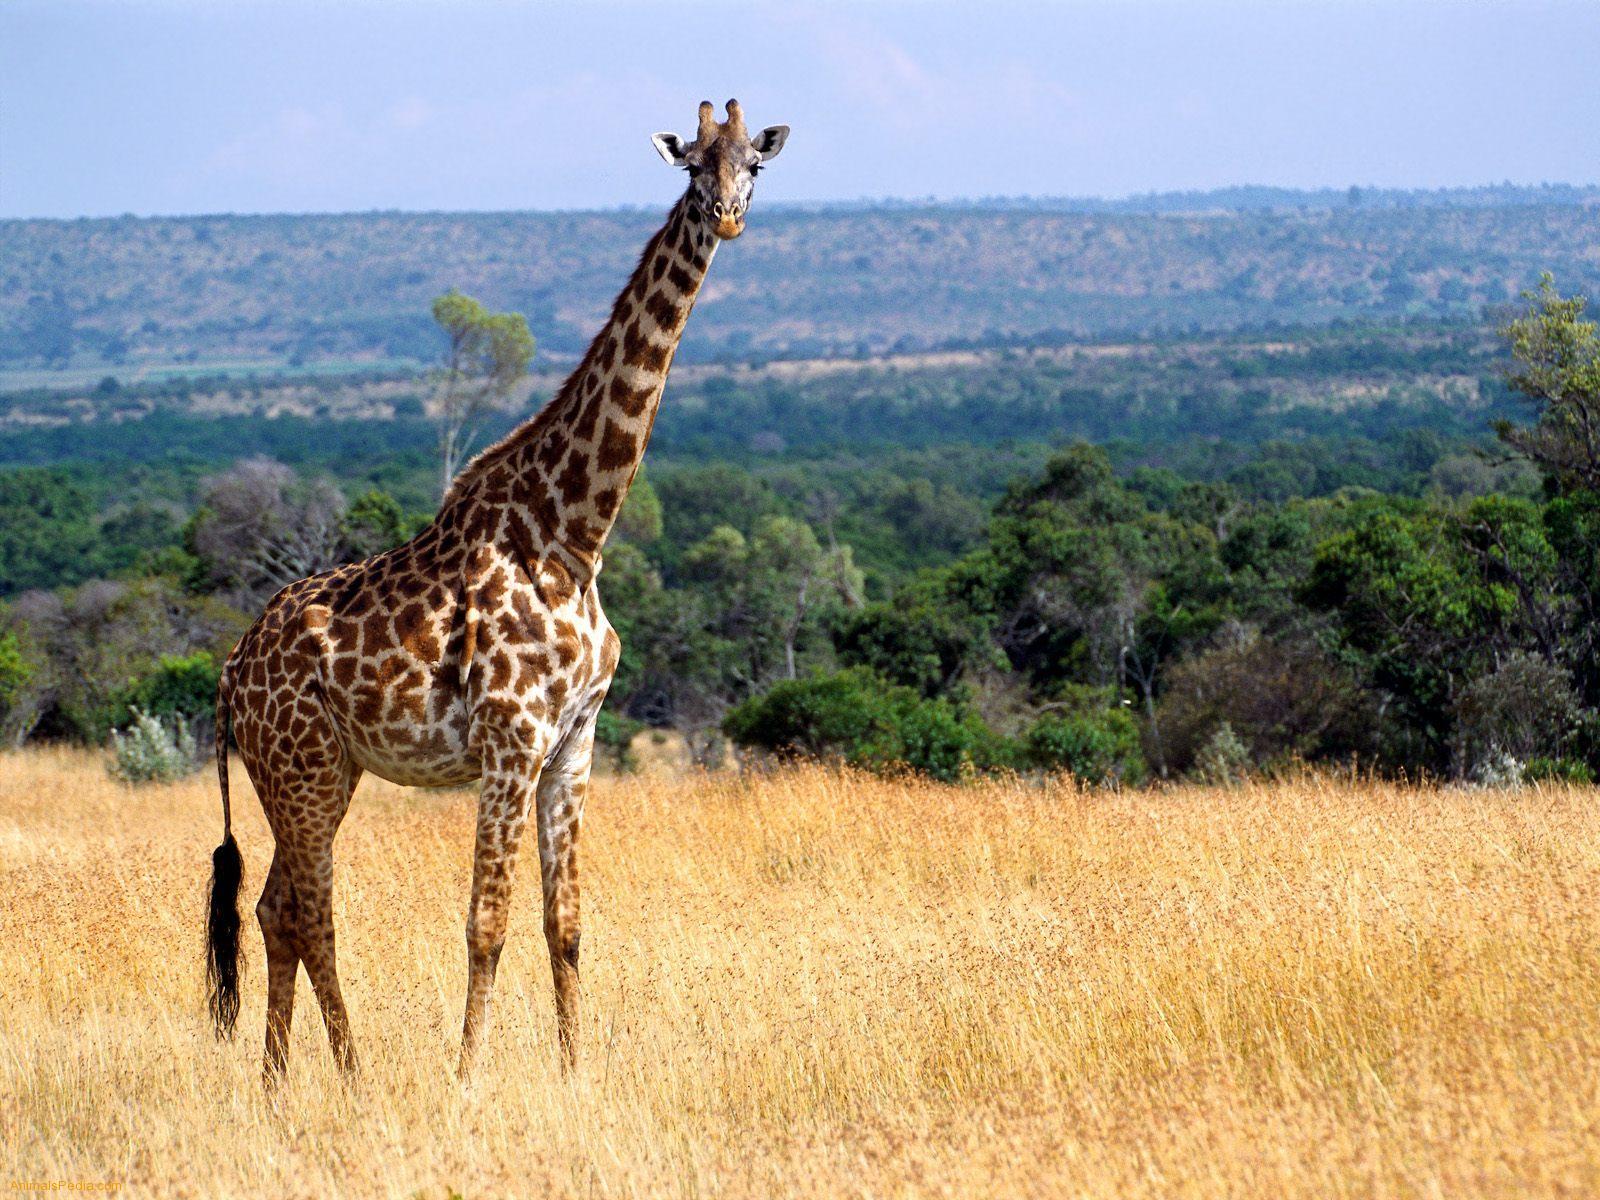 Beautiful Animals Safaris Safari Amazing Beautiful: Amazing African Animals: The Tallest Amazing Giraffe